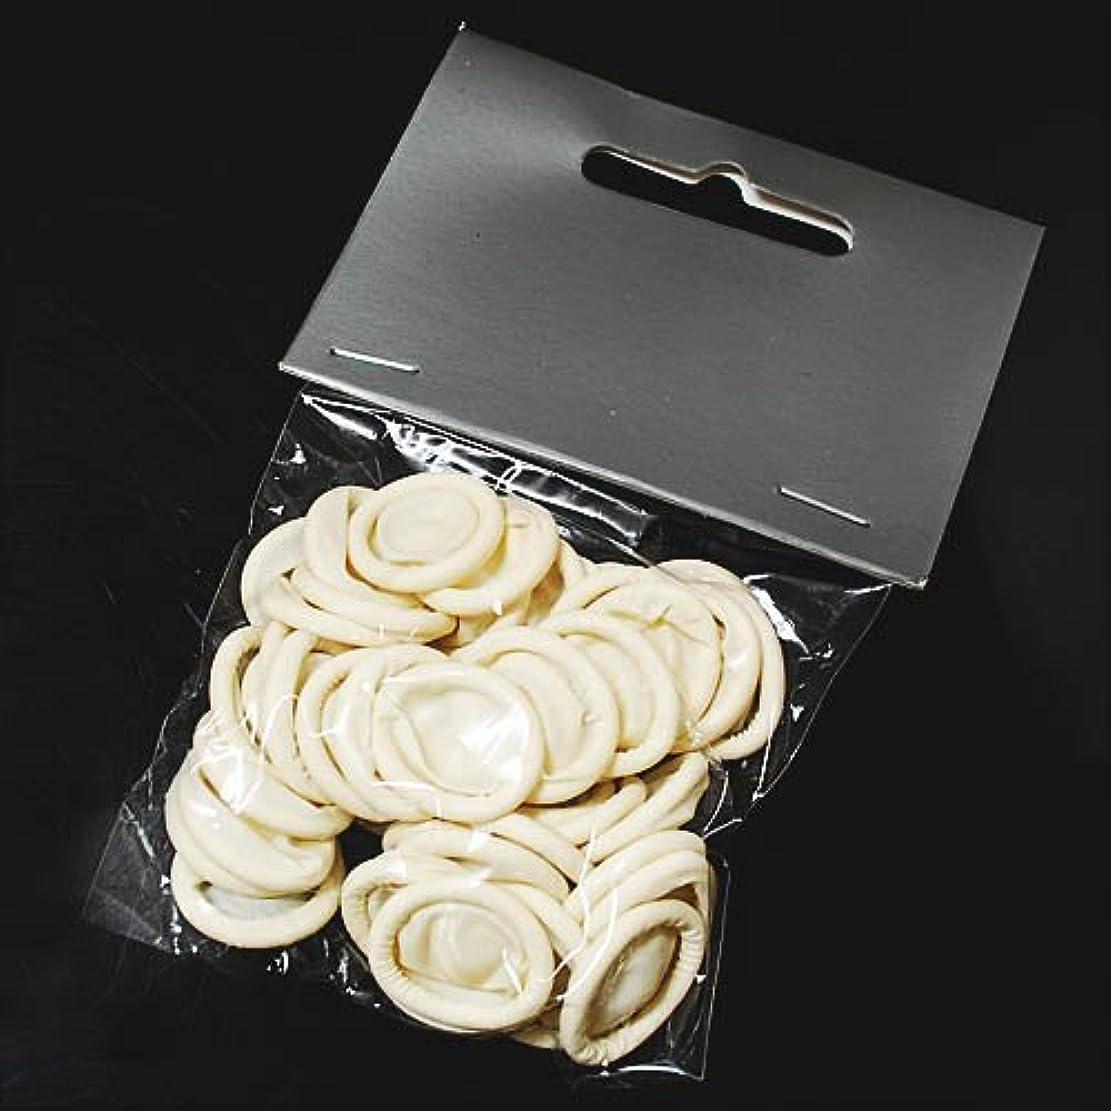 飼料効能ある過度にジェルネイル のオフに使える ジェルネイルオフカバー [50個] フィンガーキャップ